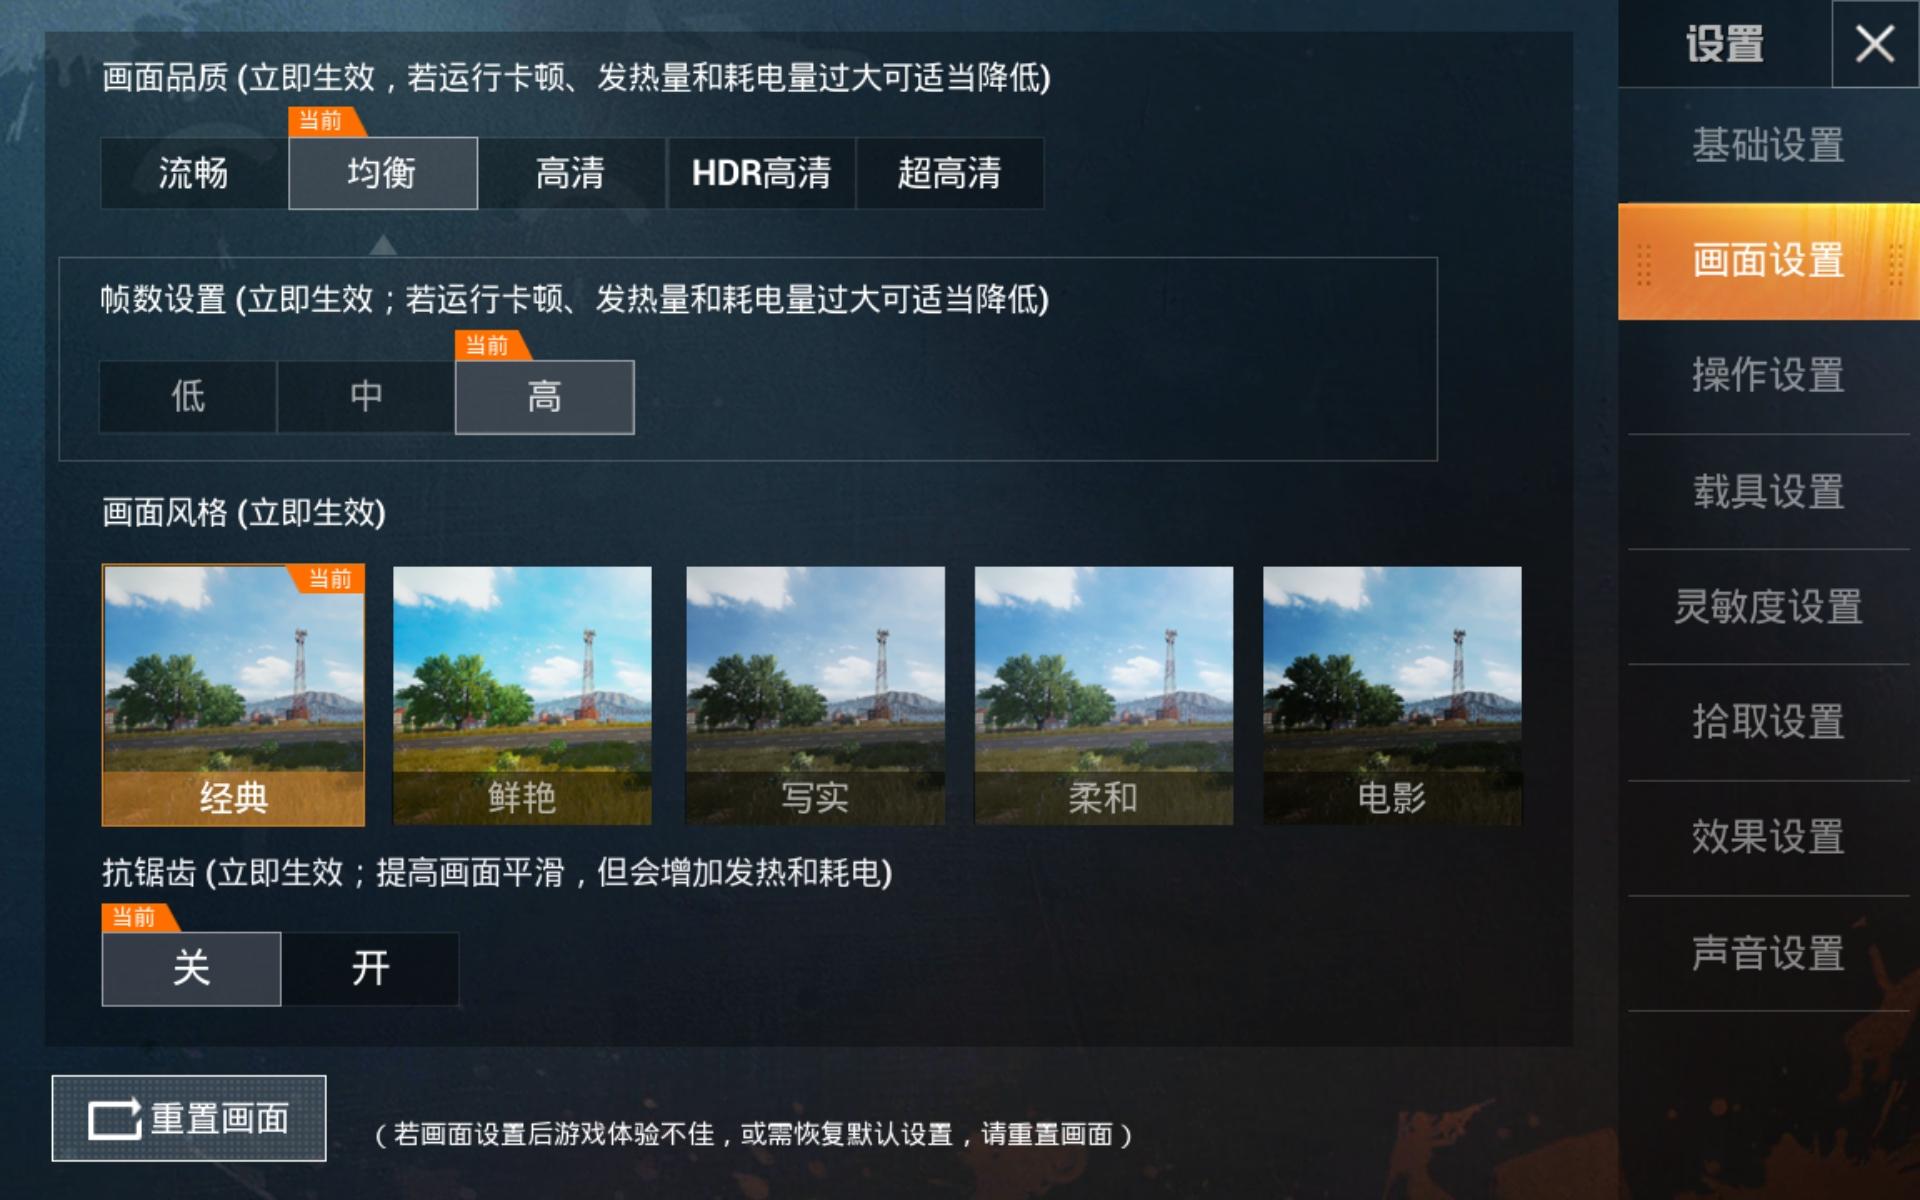 Screenshot_20190522_110824_com.tencent.tmgp.pubgm.jpg